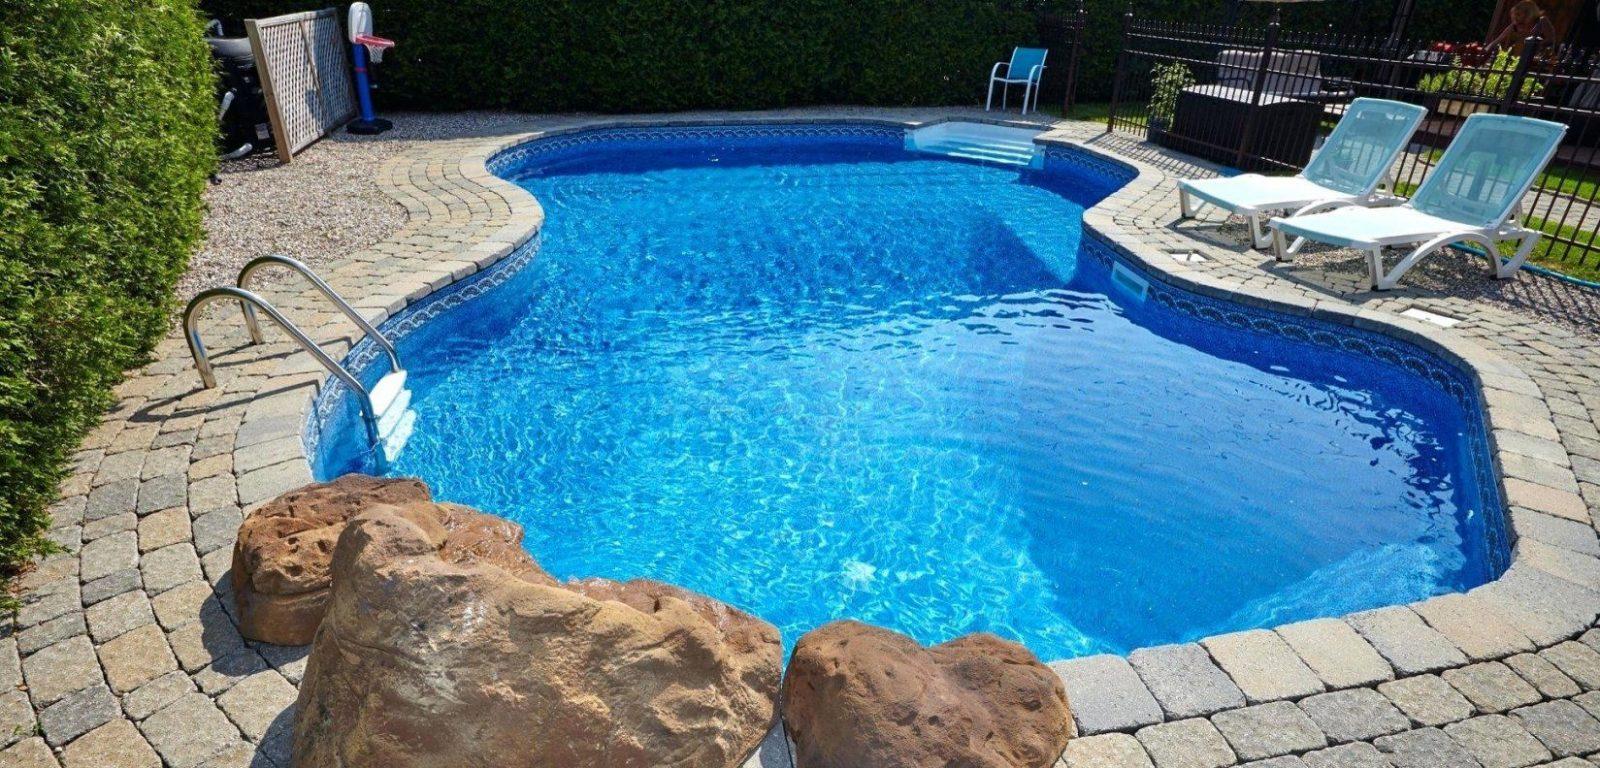 Swimmingpool Im Garten Wie Viel Kostet Ein Pool Nikkihaus Fur Kosten von Pool Im Garten Kosten Photo